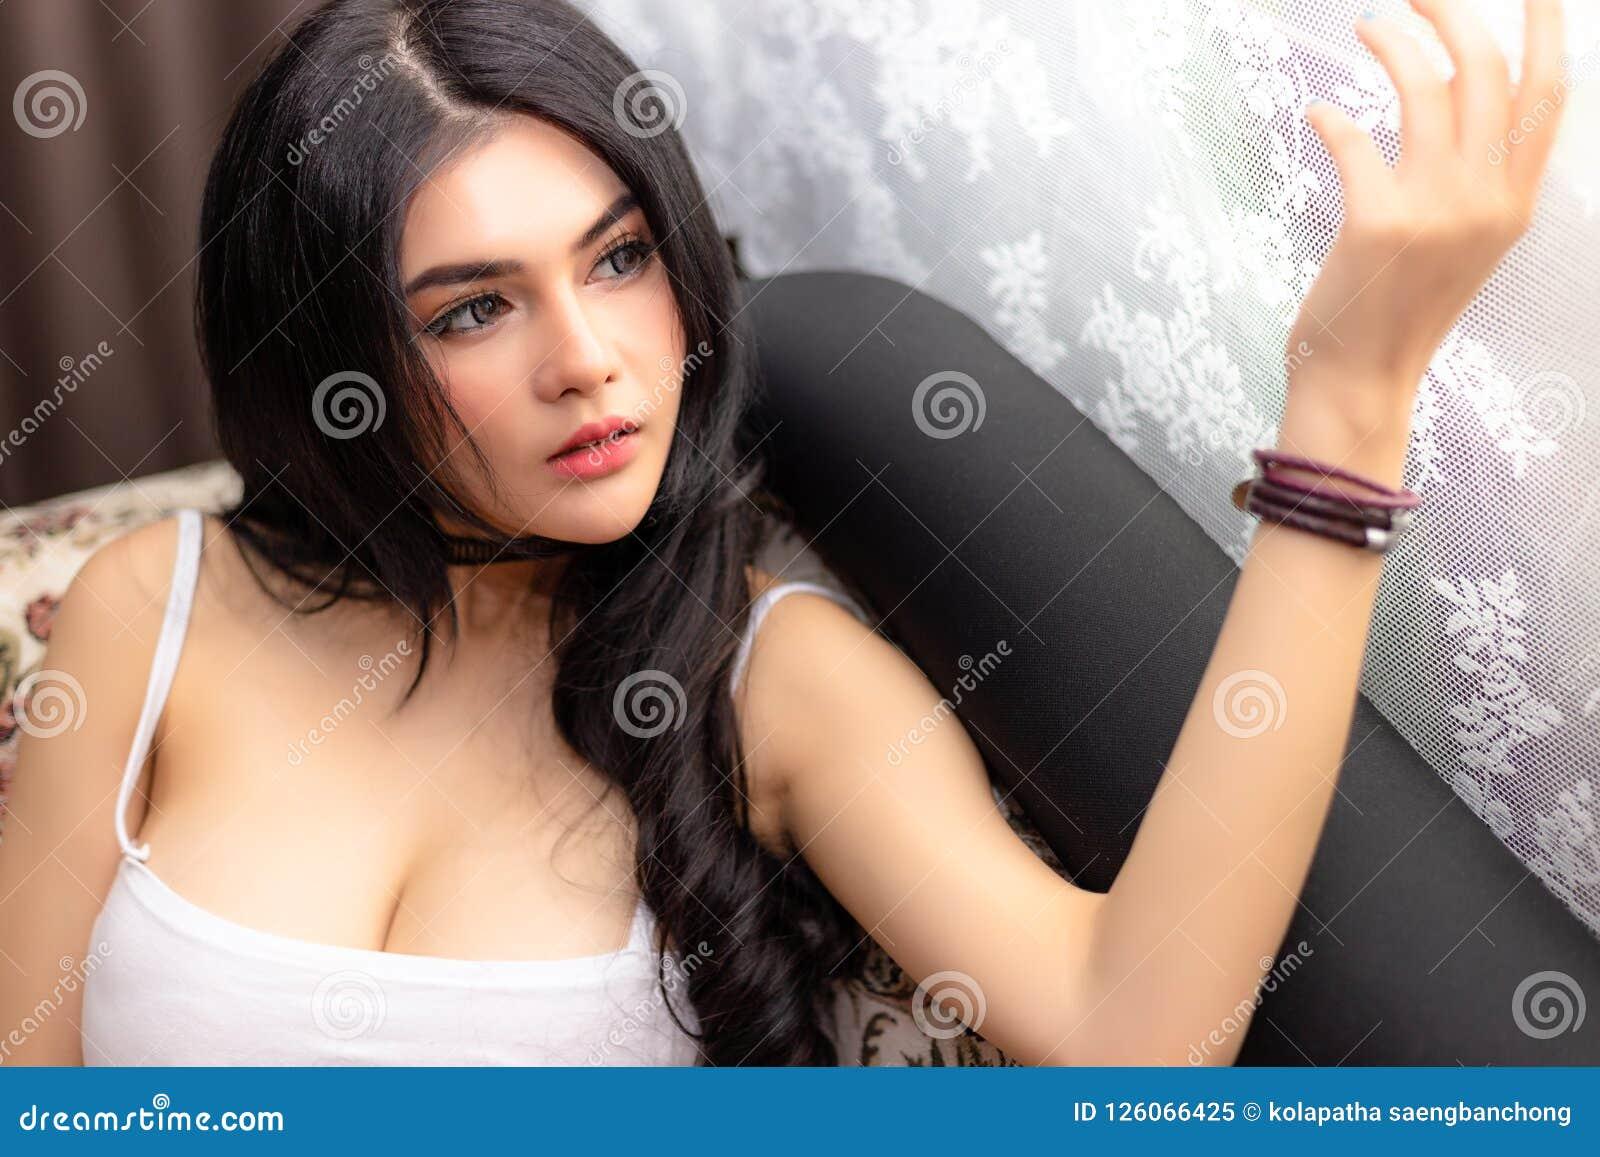 Смотрю секс красивий девочки